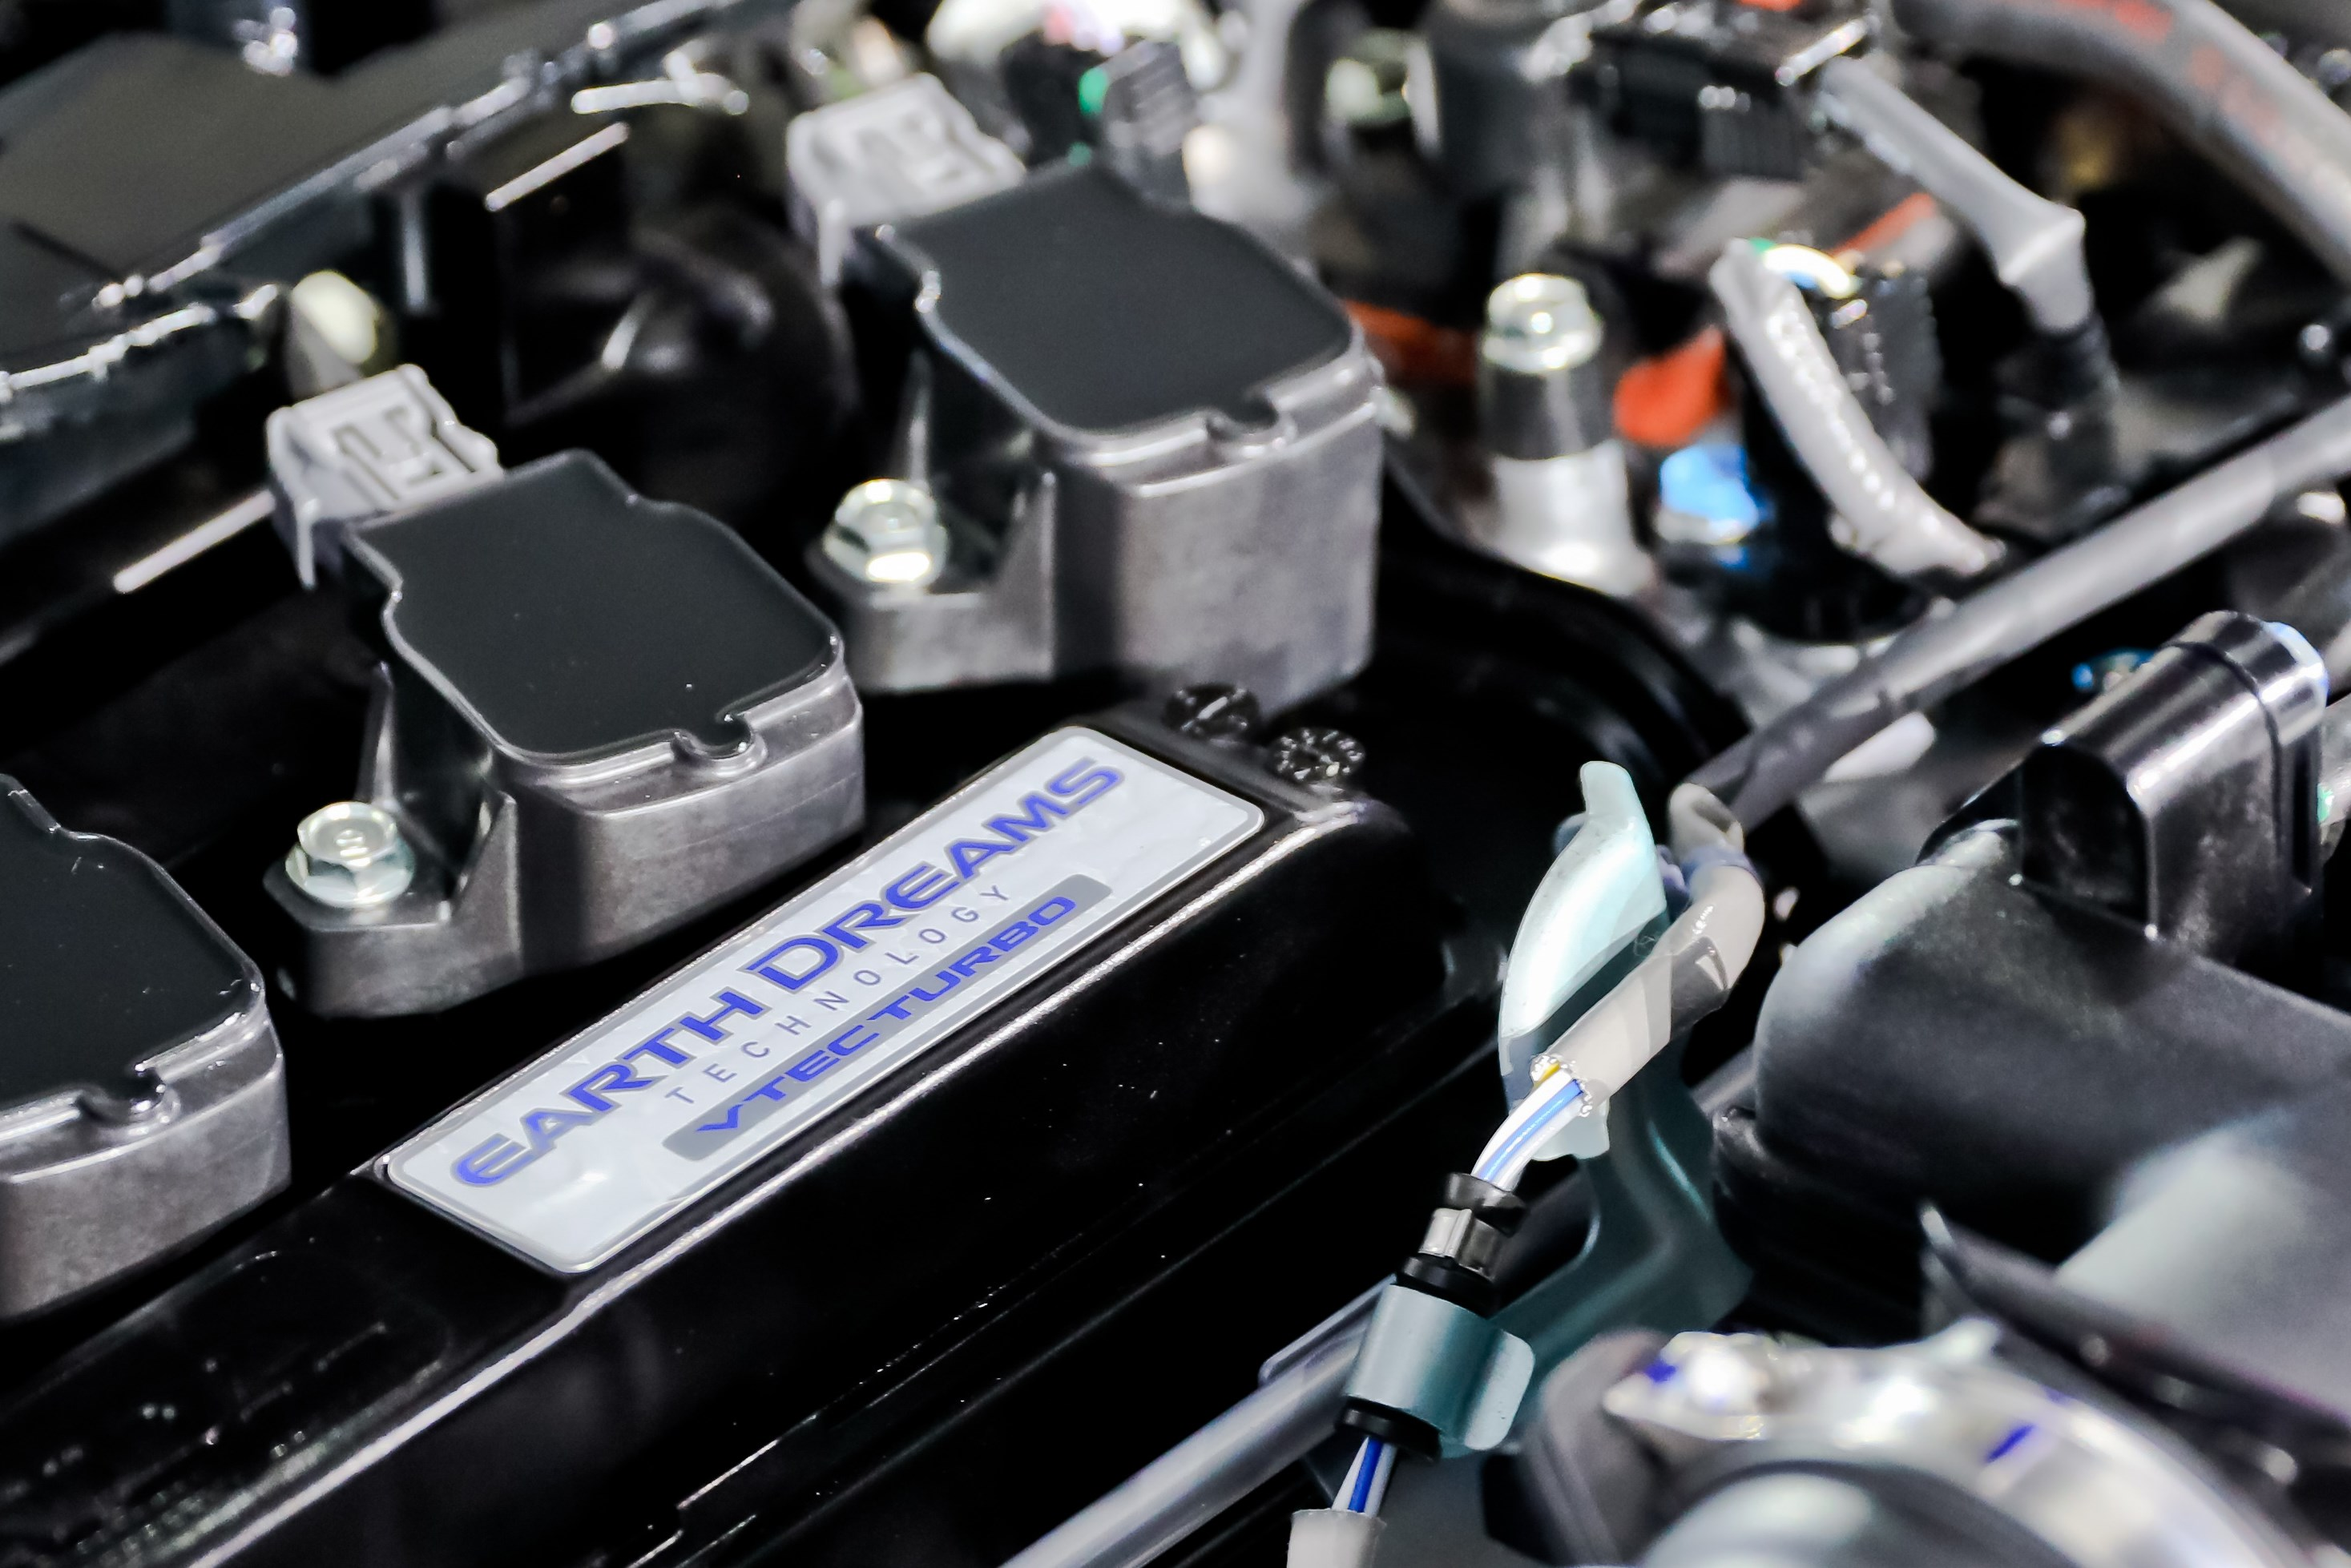 直面问题速度解决 本田雅阁和INSPIRE宣布召回 |汽车产经